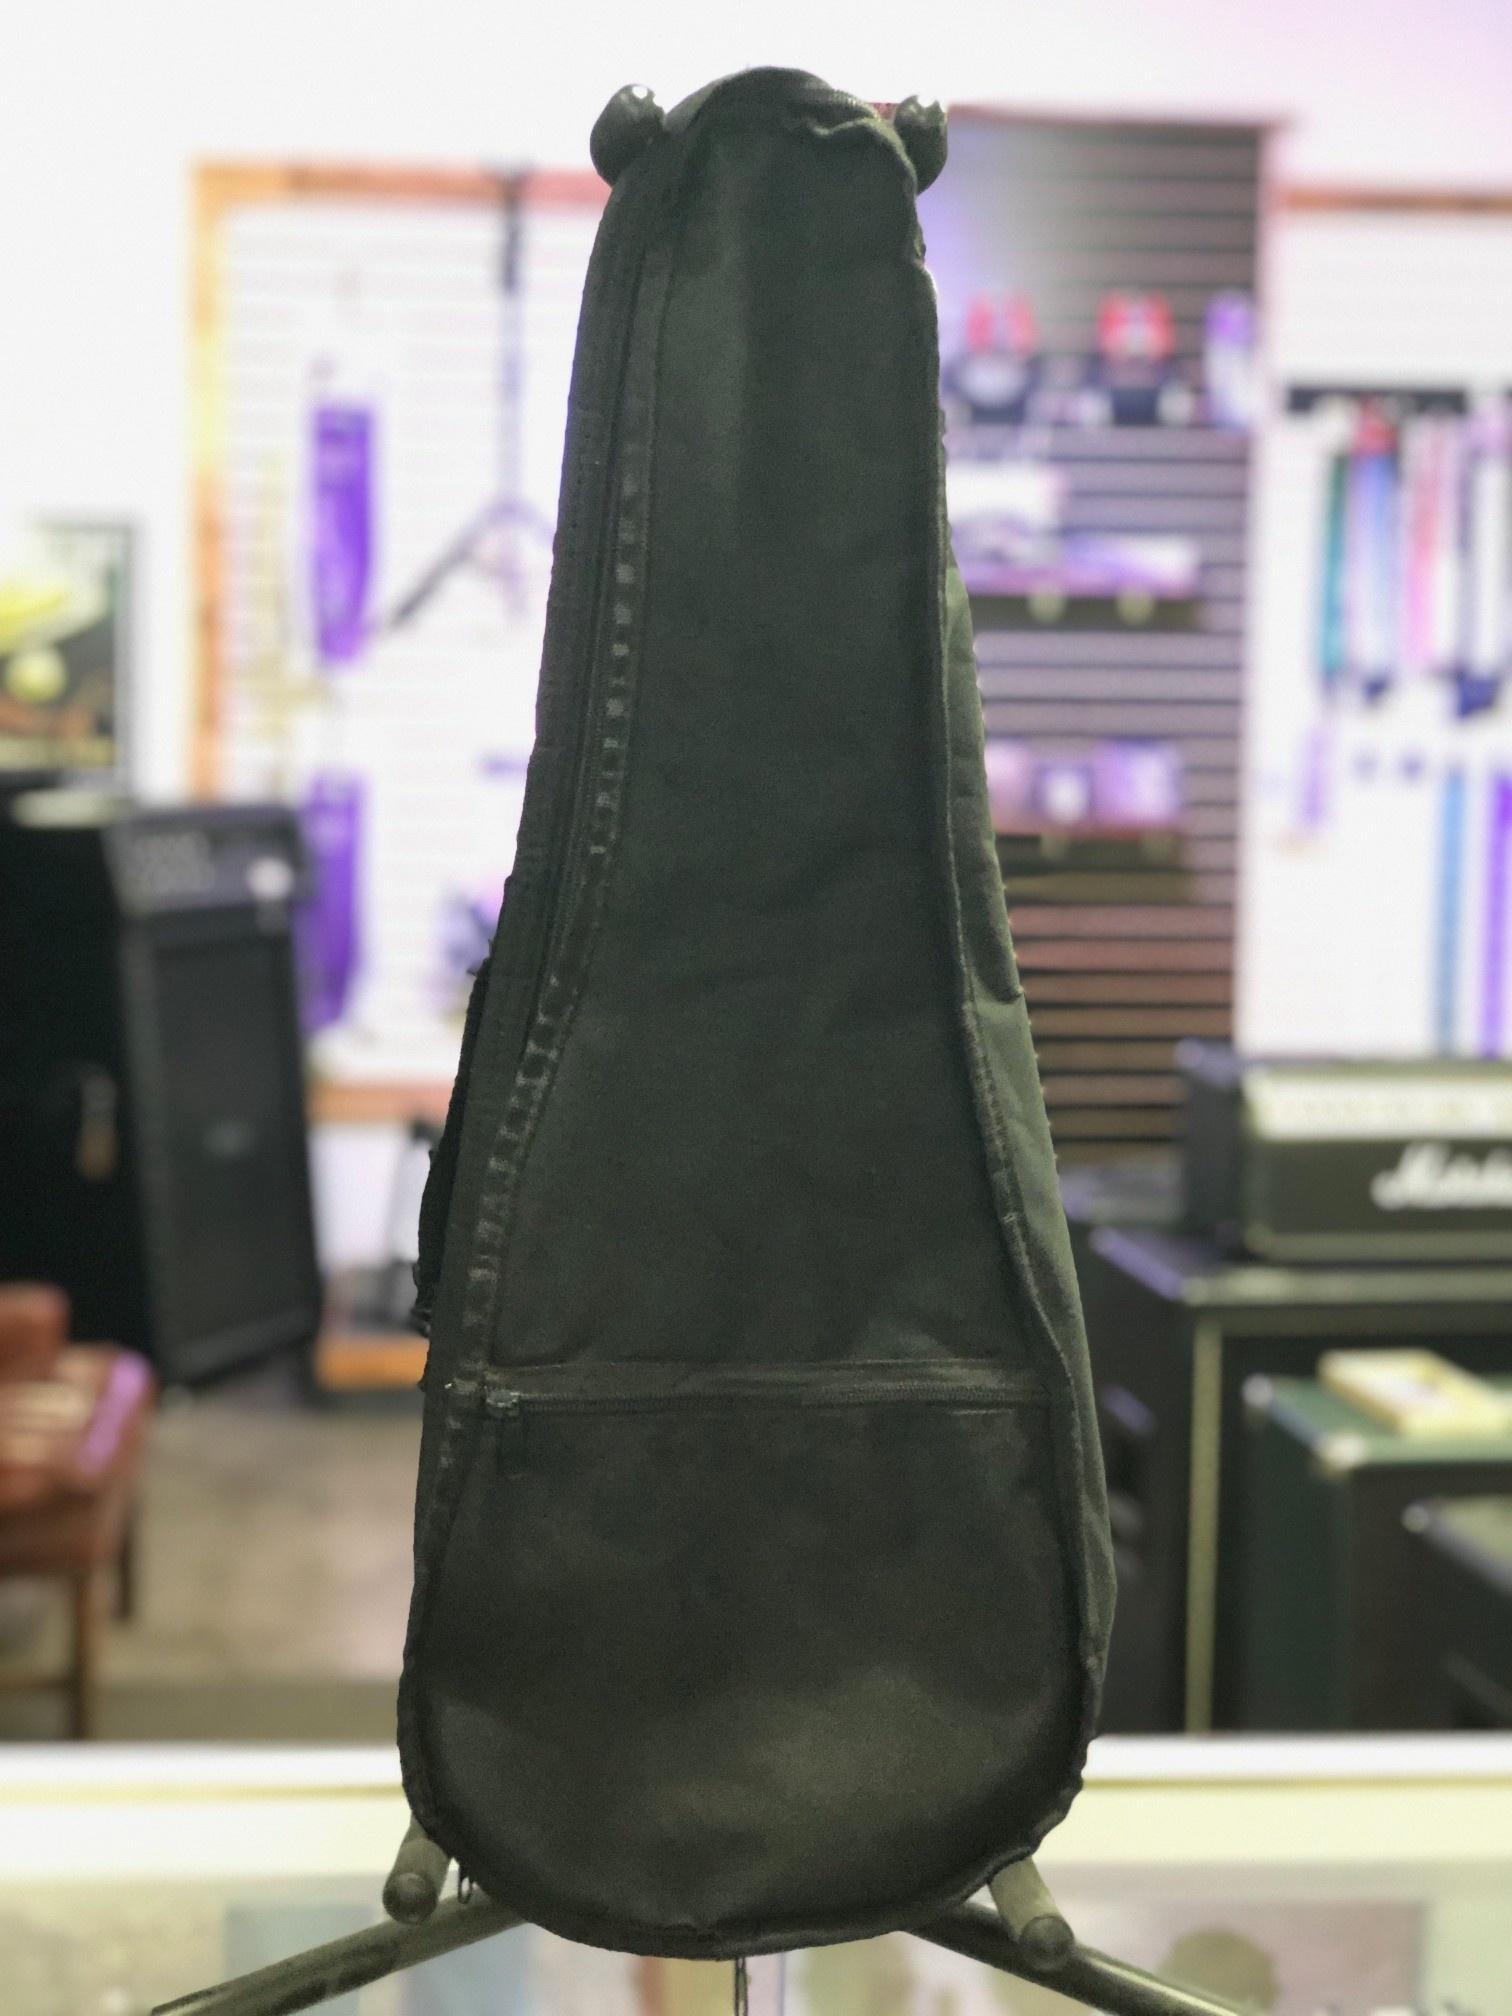 Soprano Uke Gig Bag-1